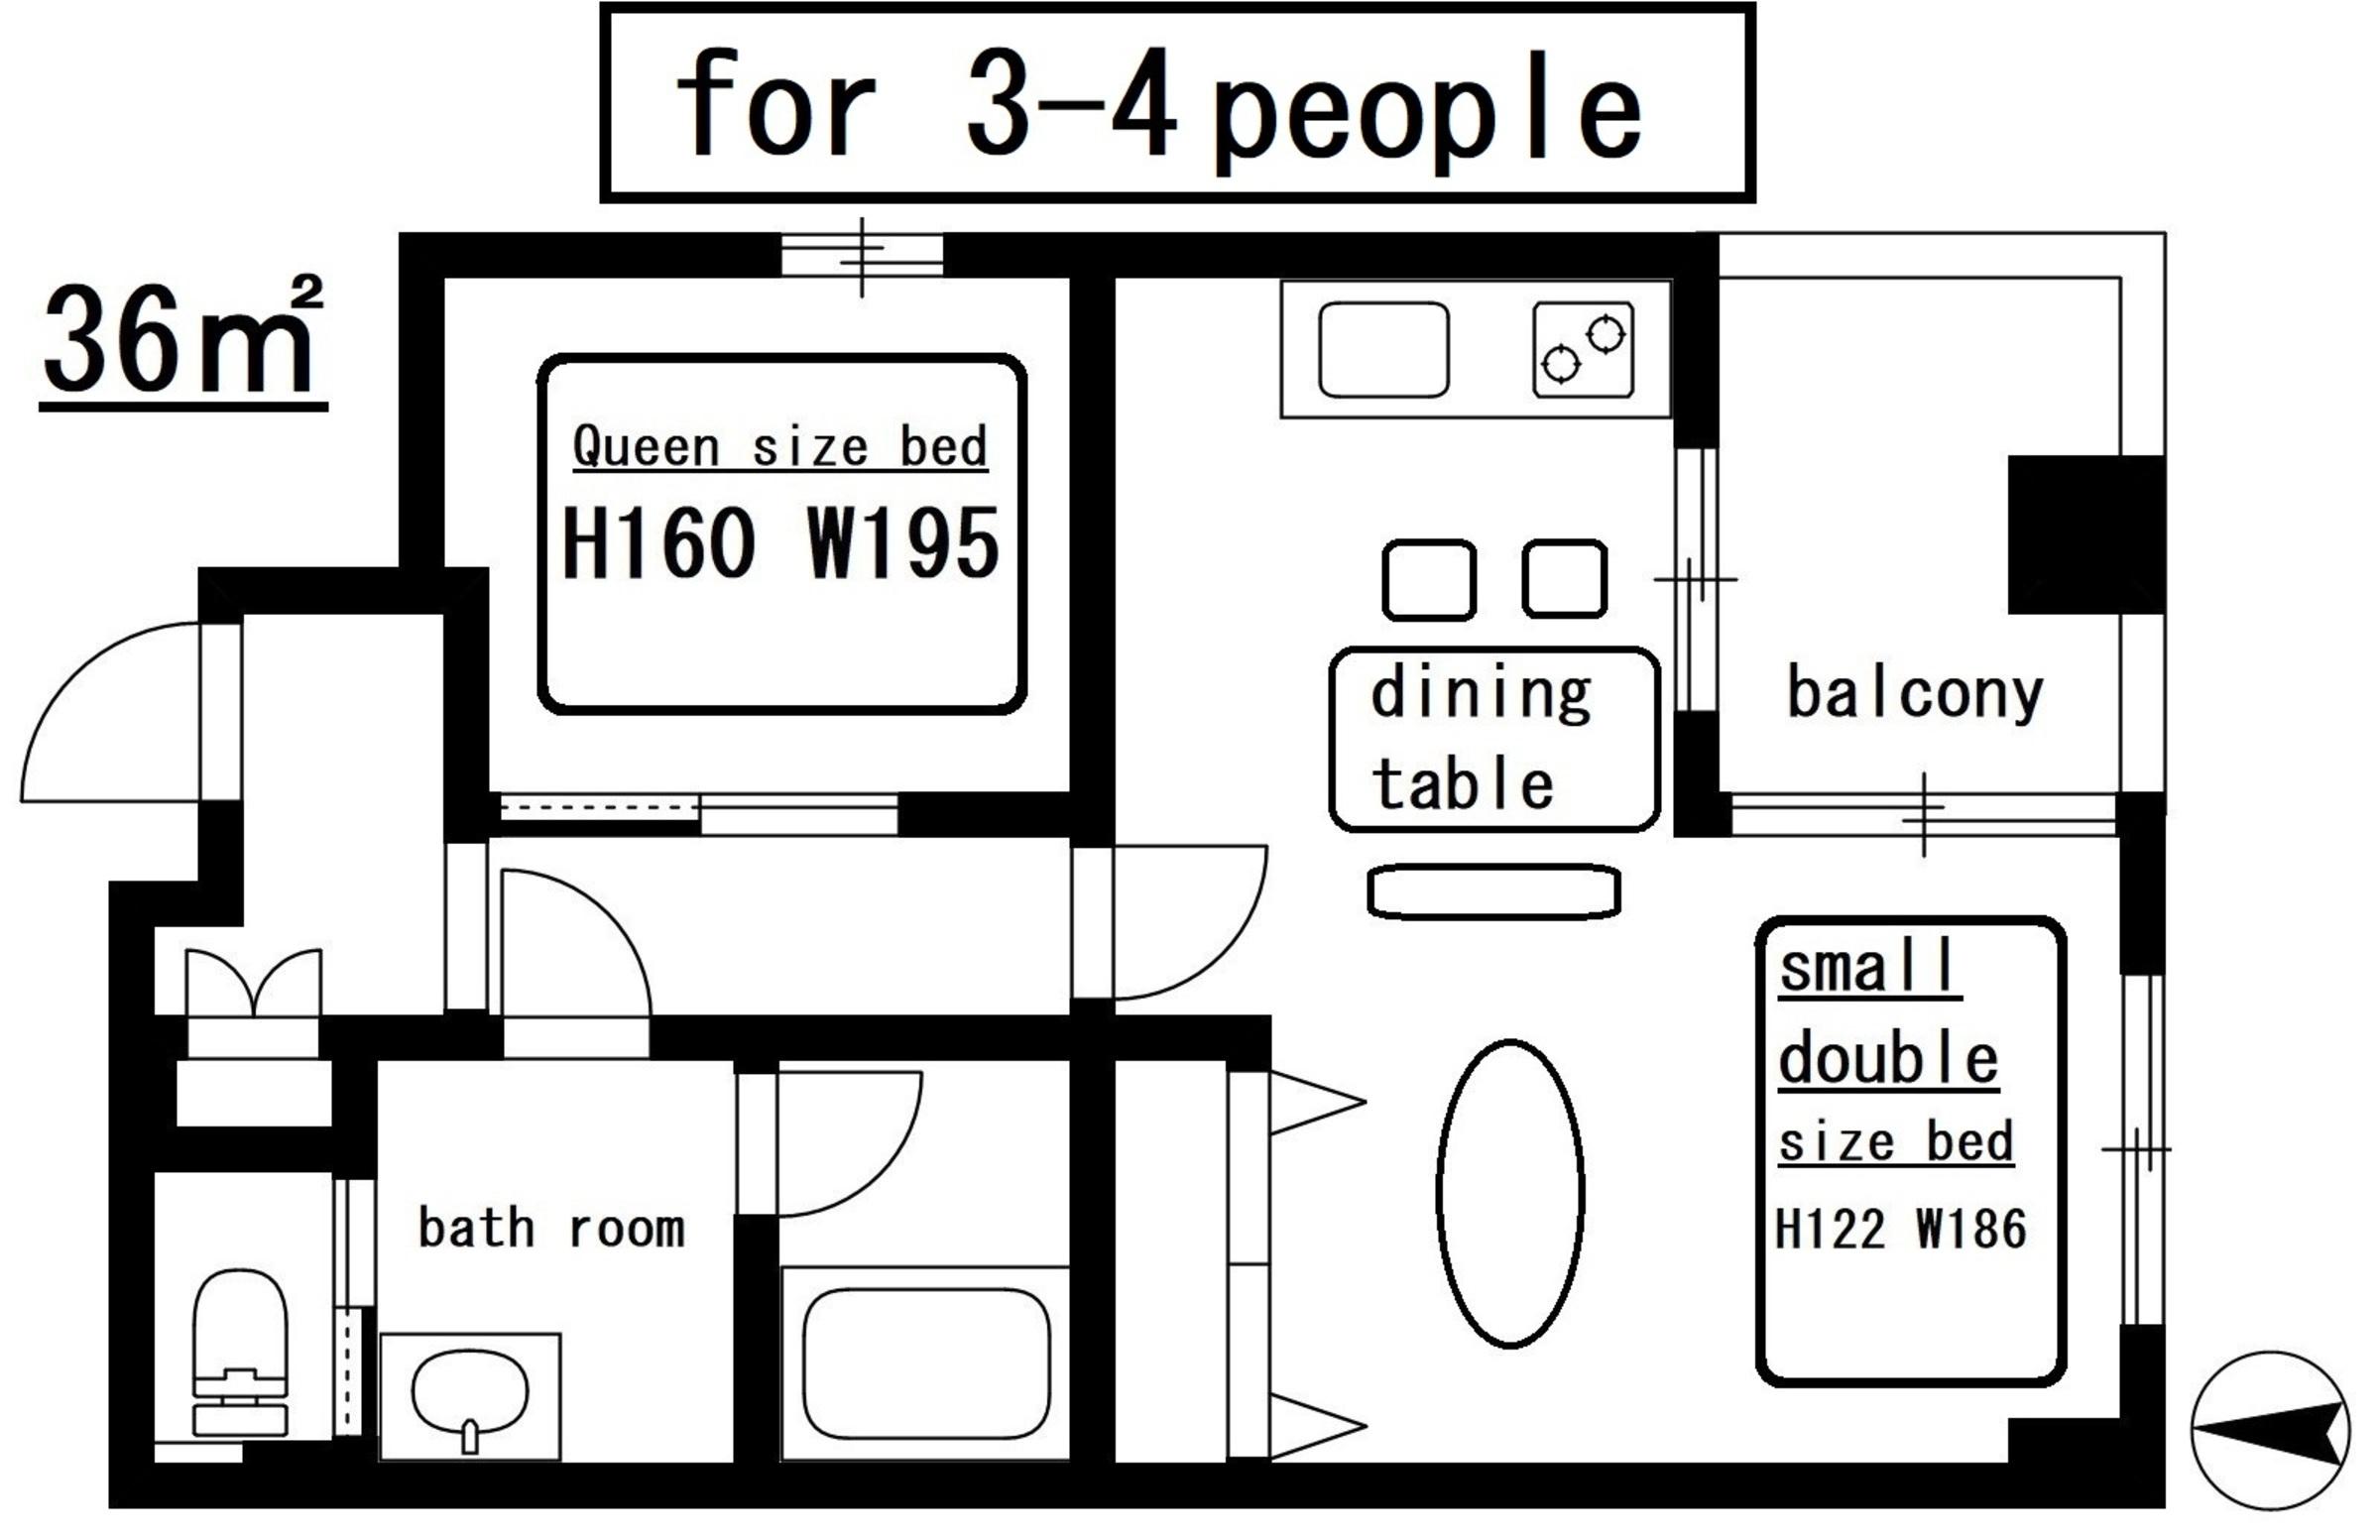 28f376bf f579 442c 90cb c9593e97062f